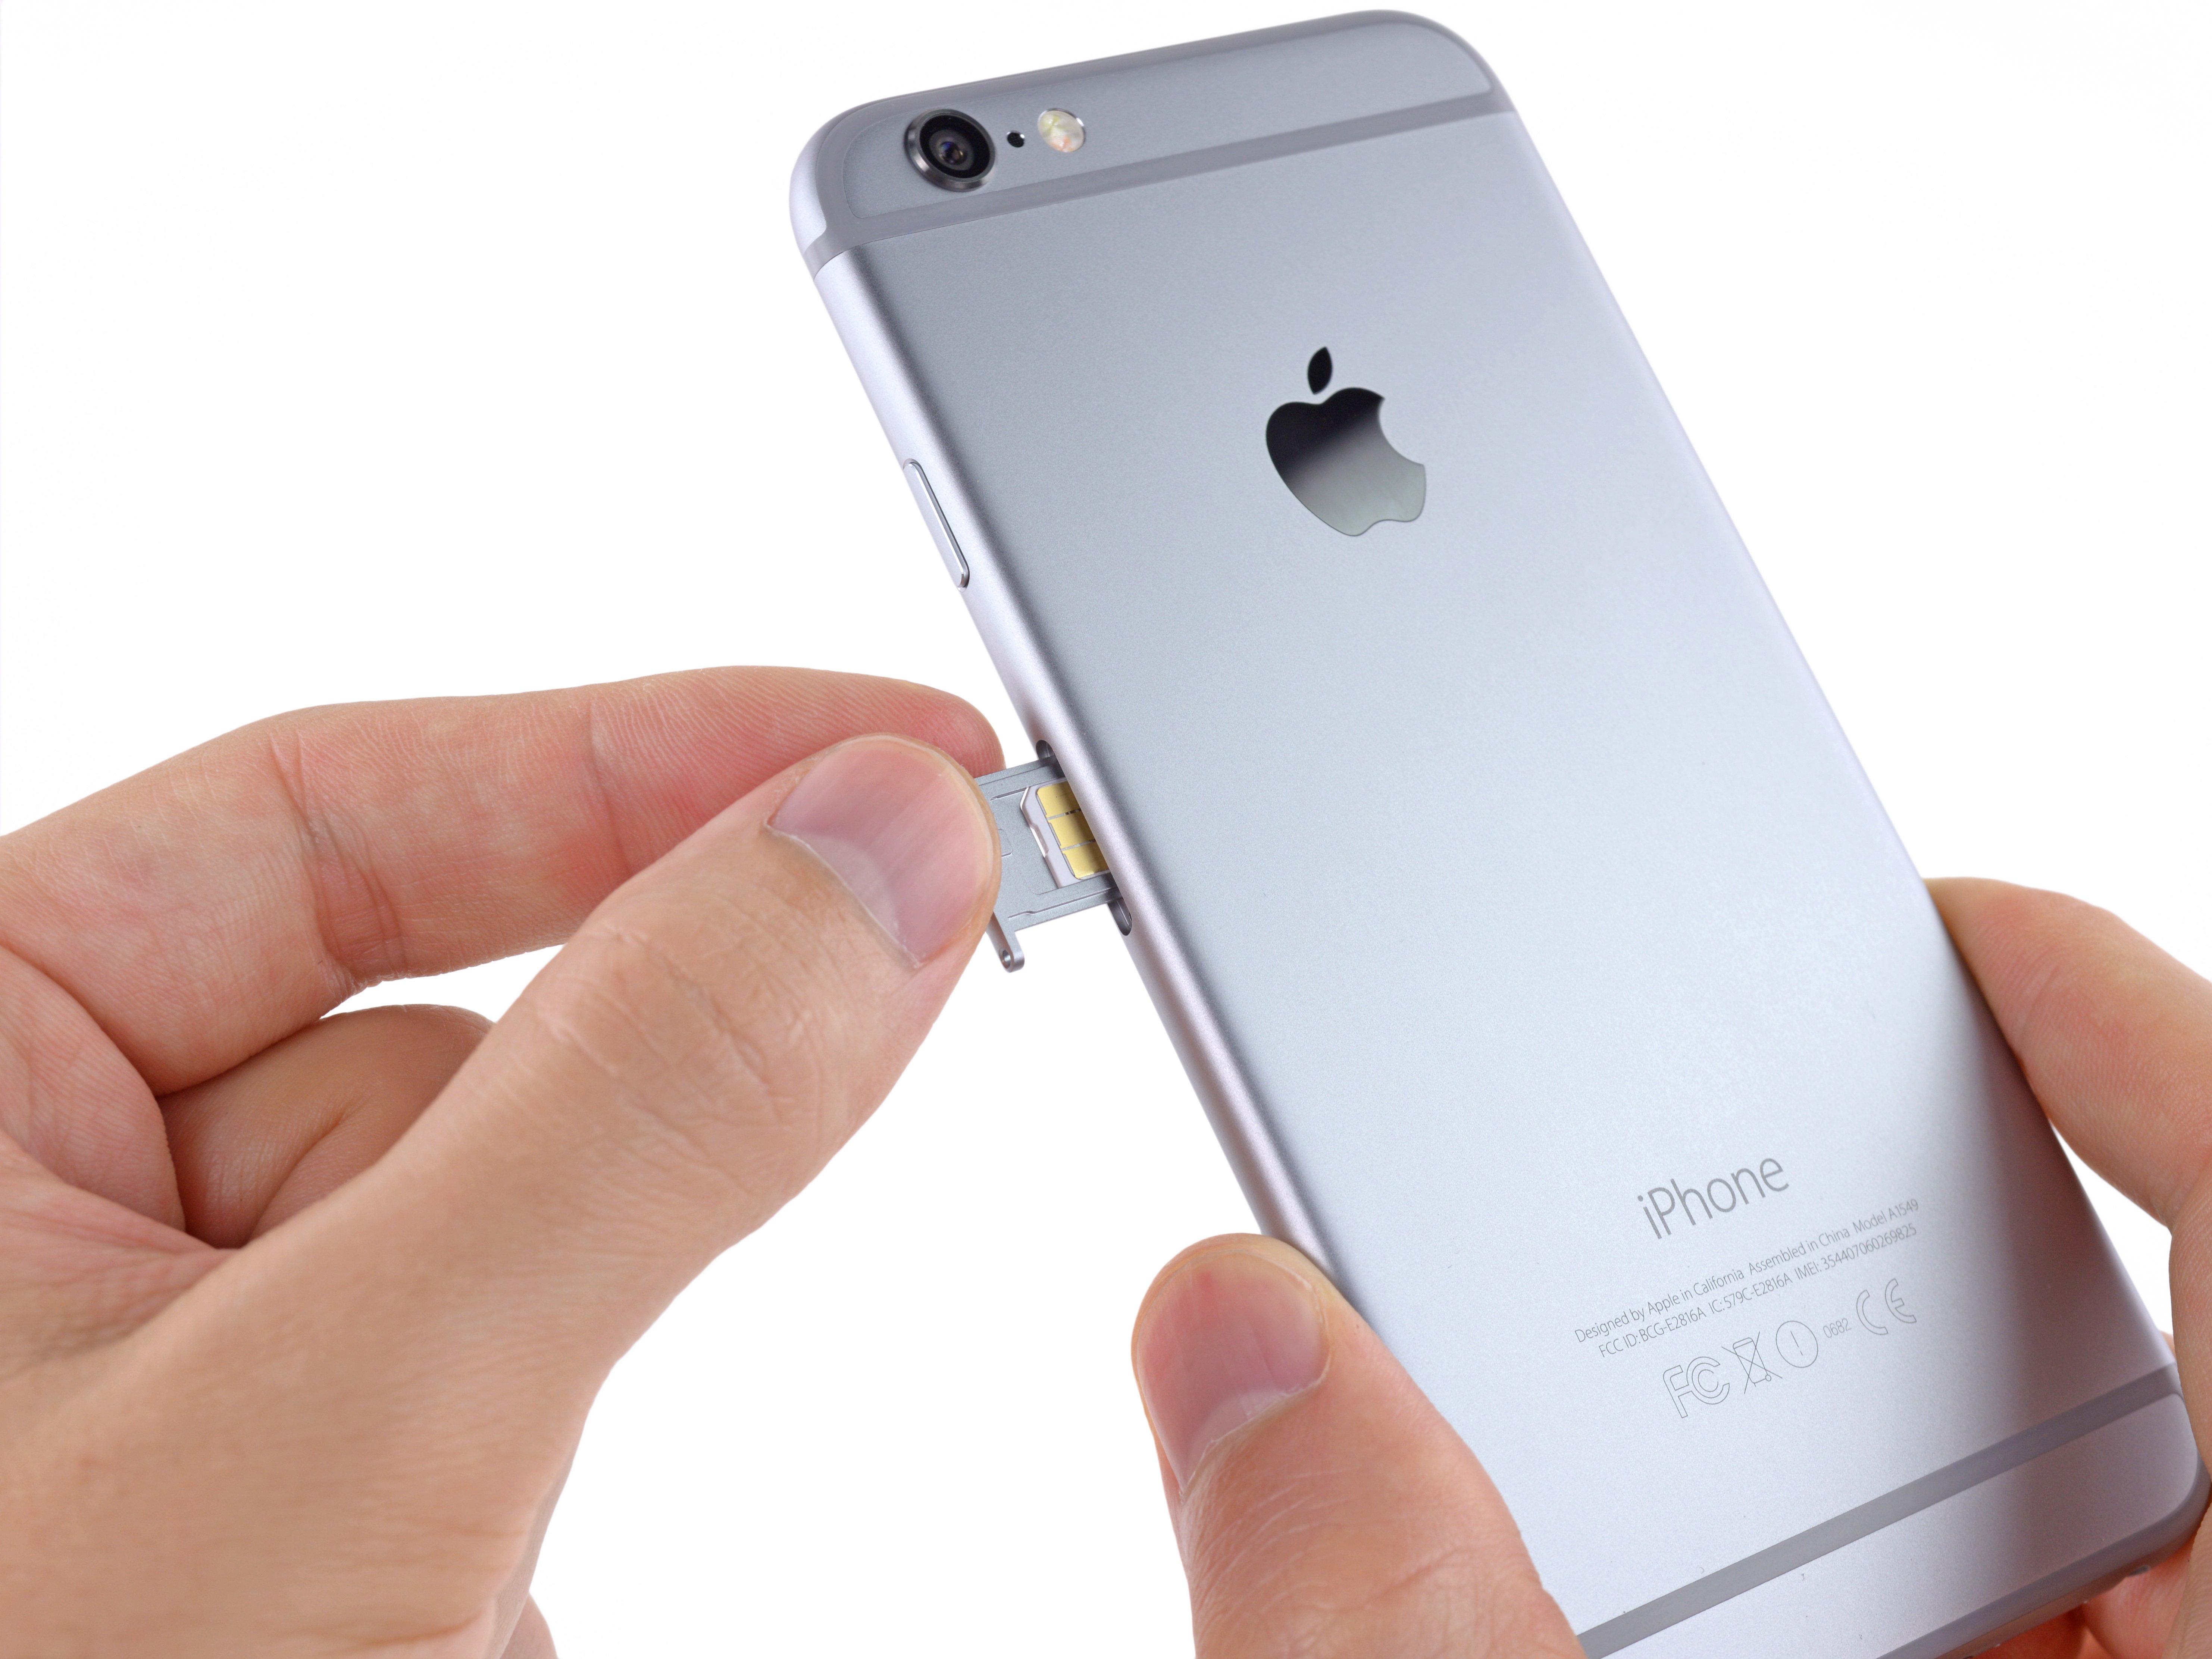 iPhone 6 SIM Card Replacement - iFixit Repair Guide